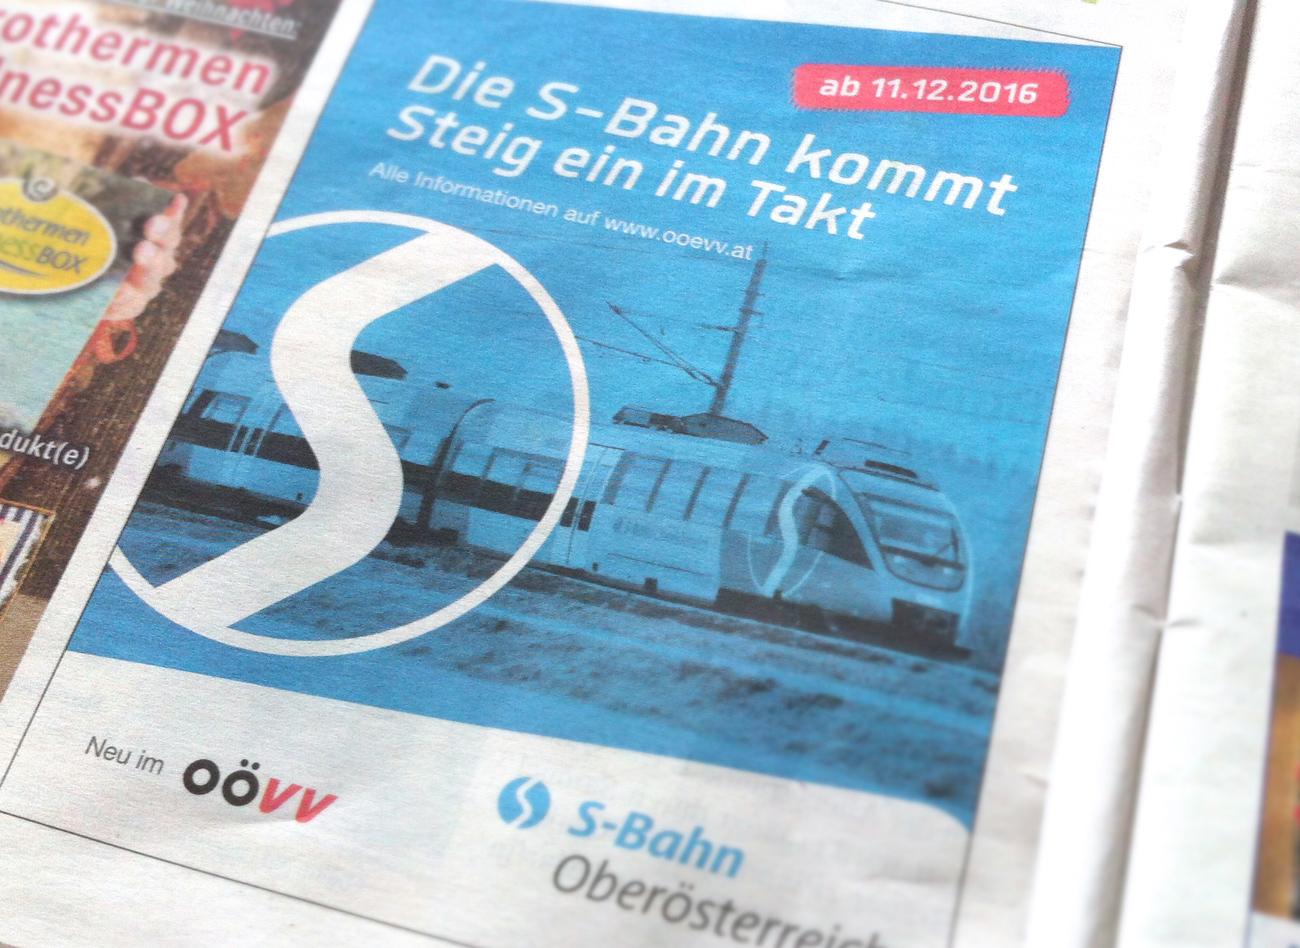 S-Bahn Oberösterreich / Inserat